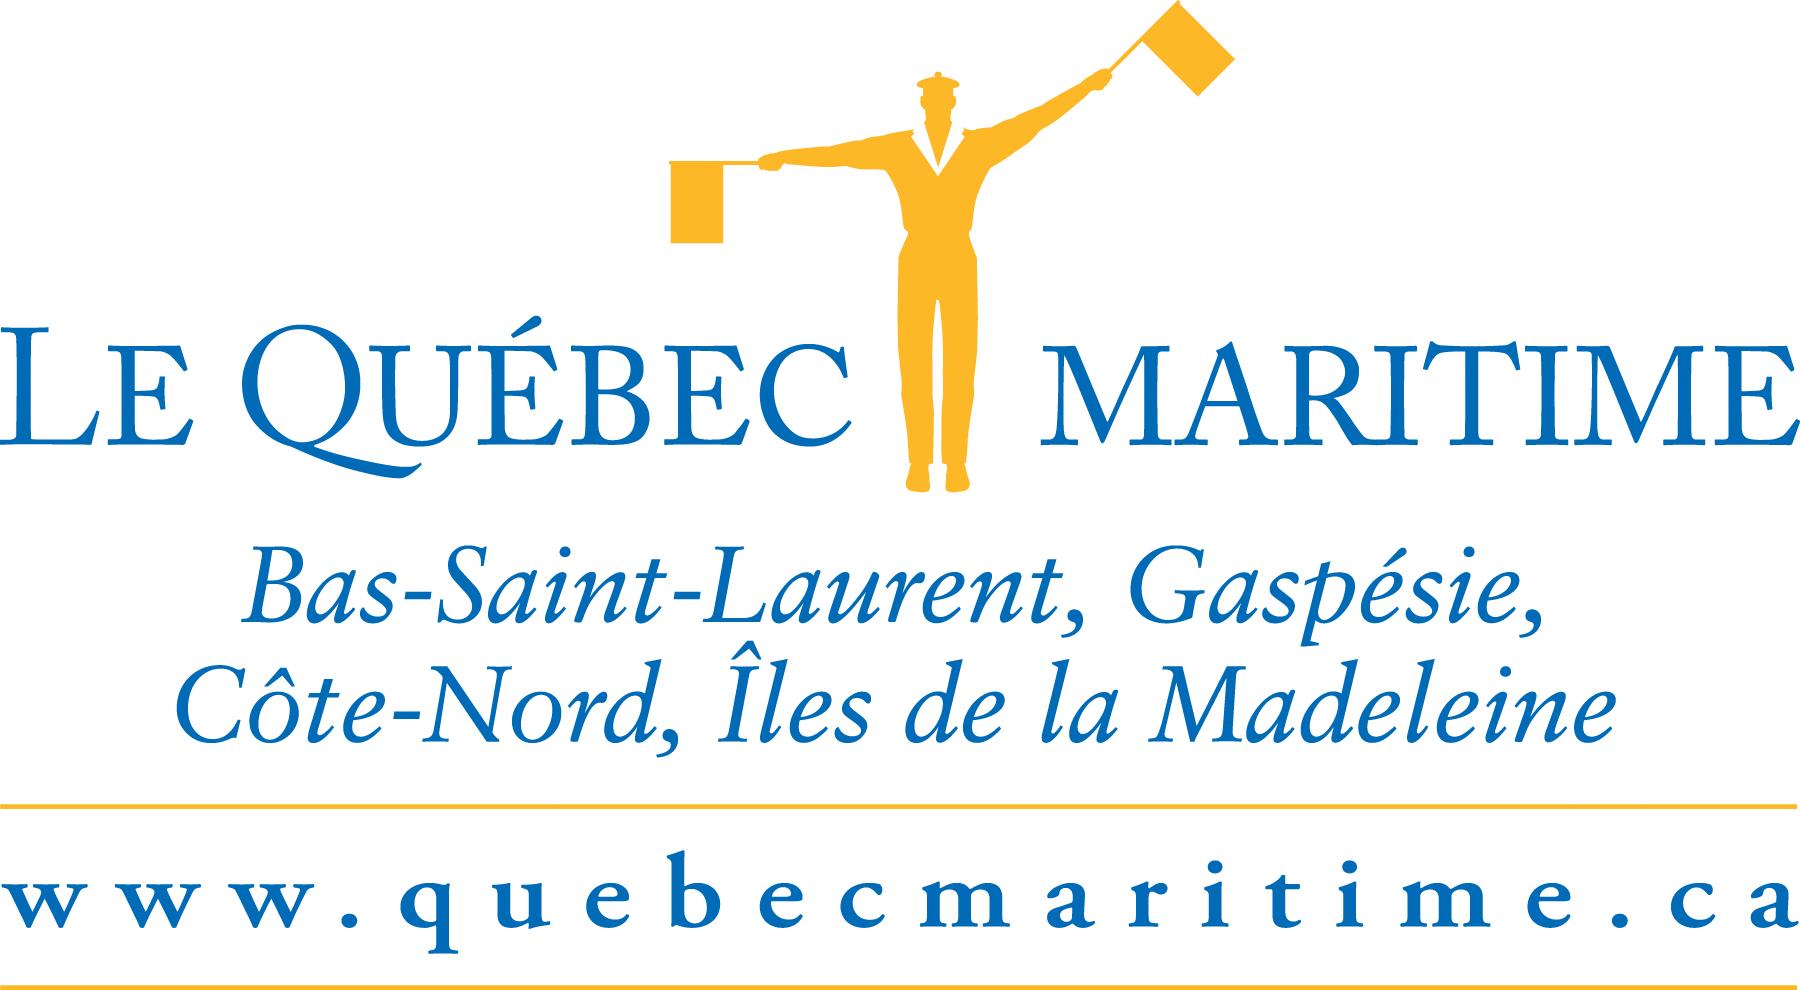 COPY - COPY - COPY - COPY - COPY - COPY - COPY - COPY - COPY - Produits Hiver 2021 - 1er Webinaire : Le Québec Maritime